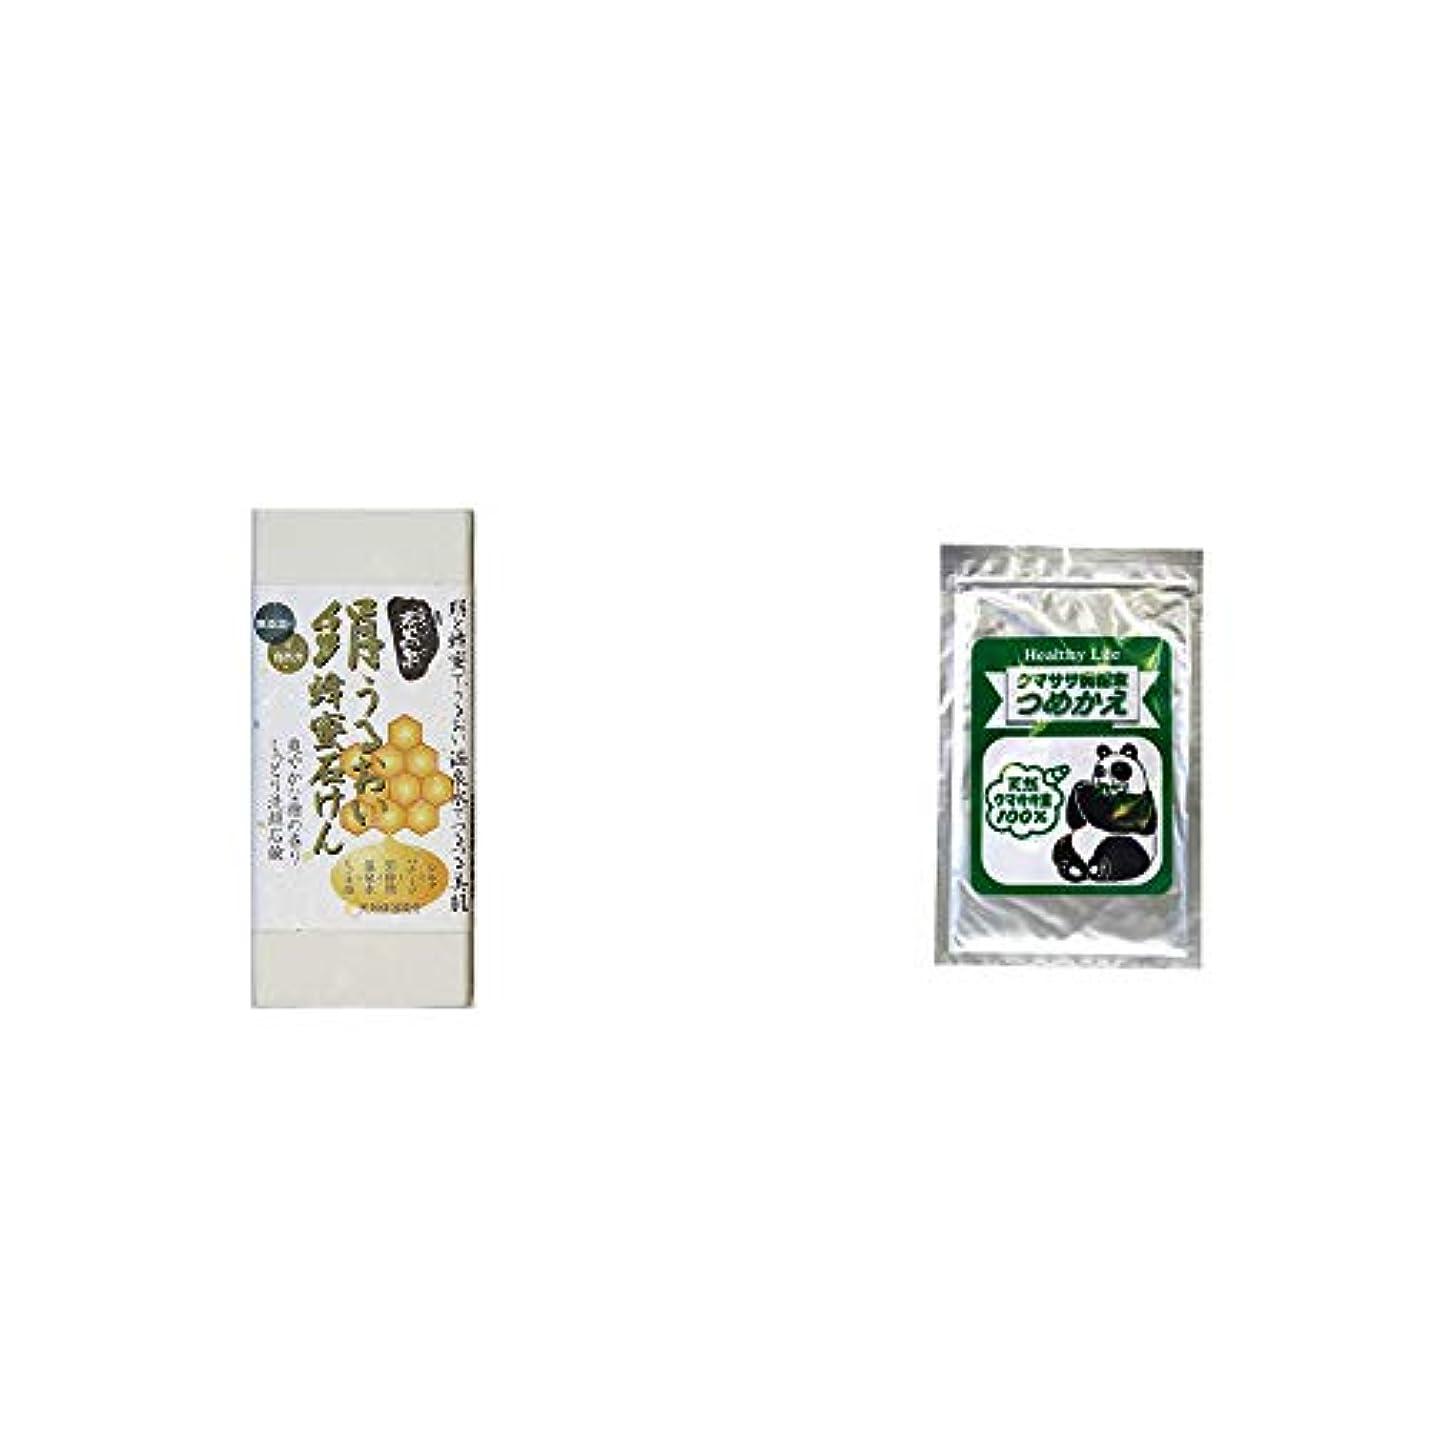 鈍い肺炎土地[2点セット] ひのき炭黒泉 絹うるおい蜂蜜石けん(75g×2)?木曽産 熊笹100% クマササ微粉末 詰め替え用 (60g)